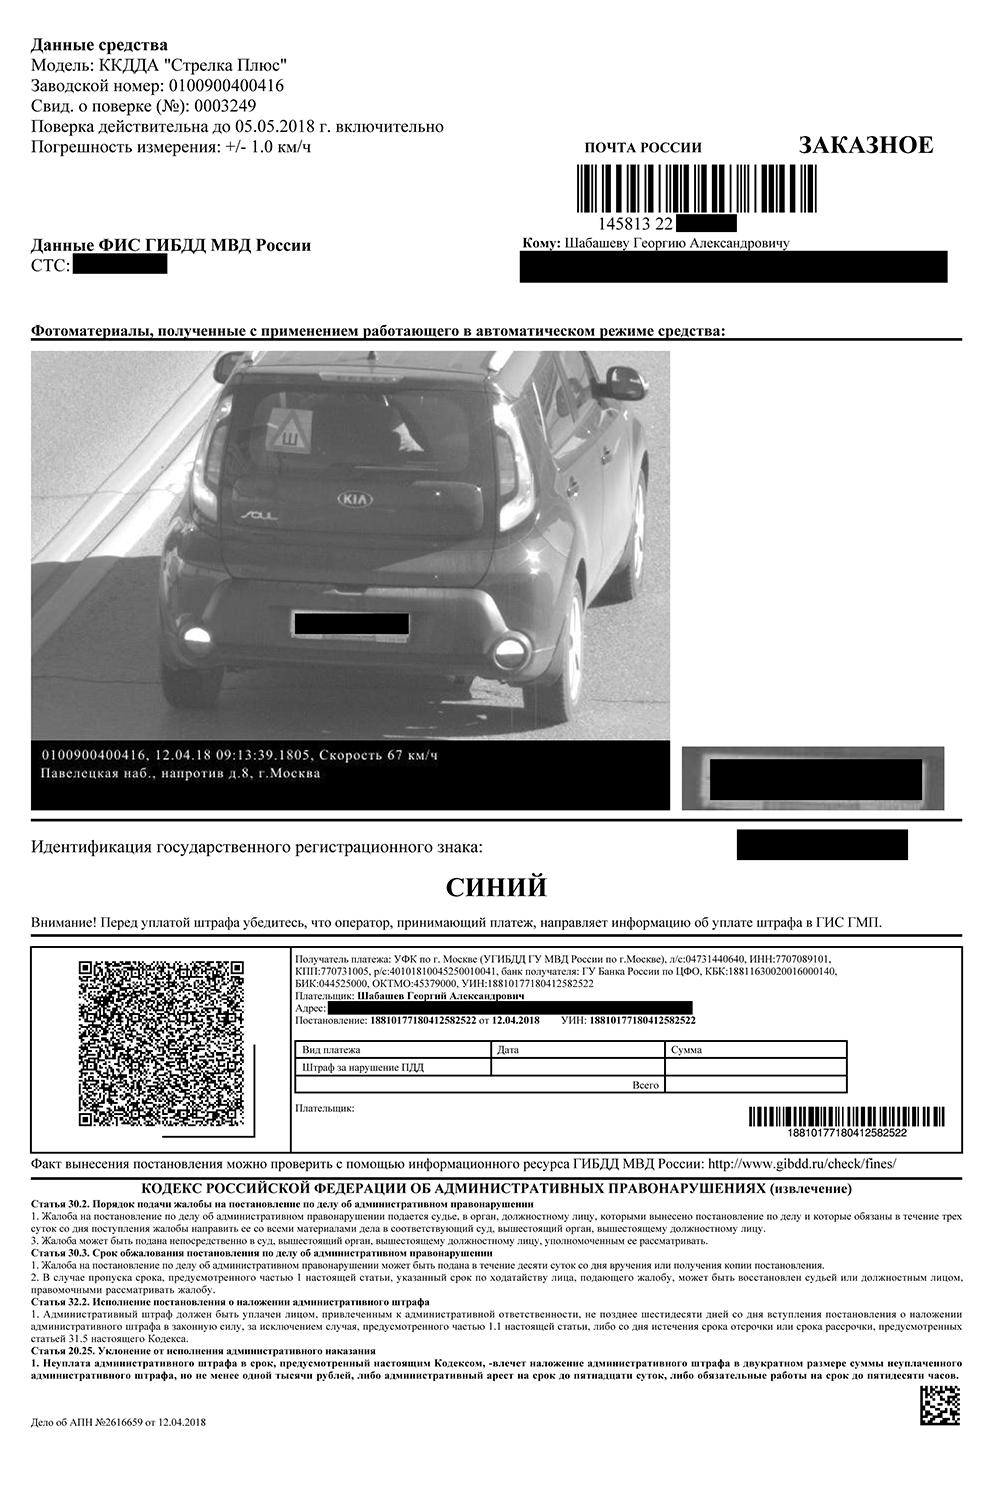 На первой странице письма — информация о нарушении: время, адрес, фото автомобиля, его номер, характер правонарушения